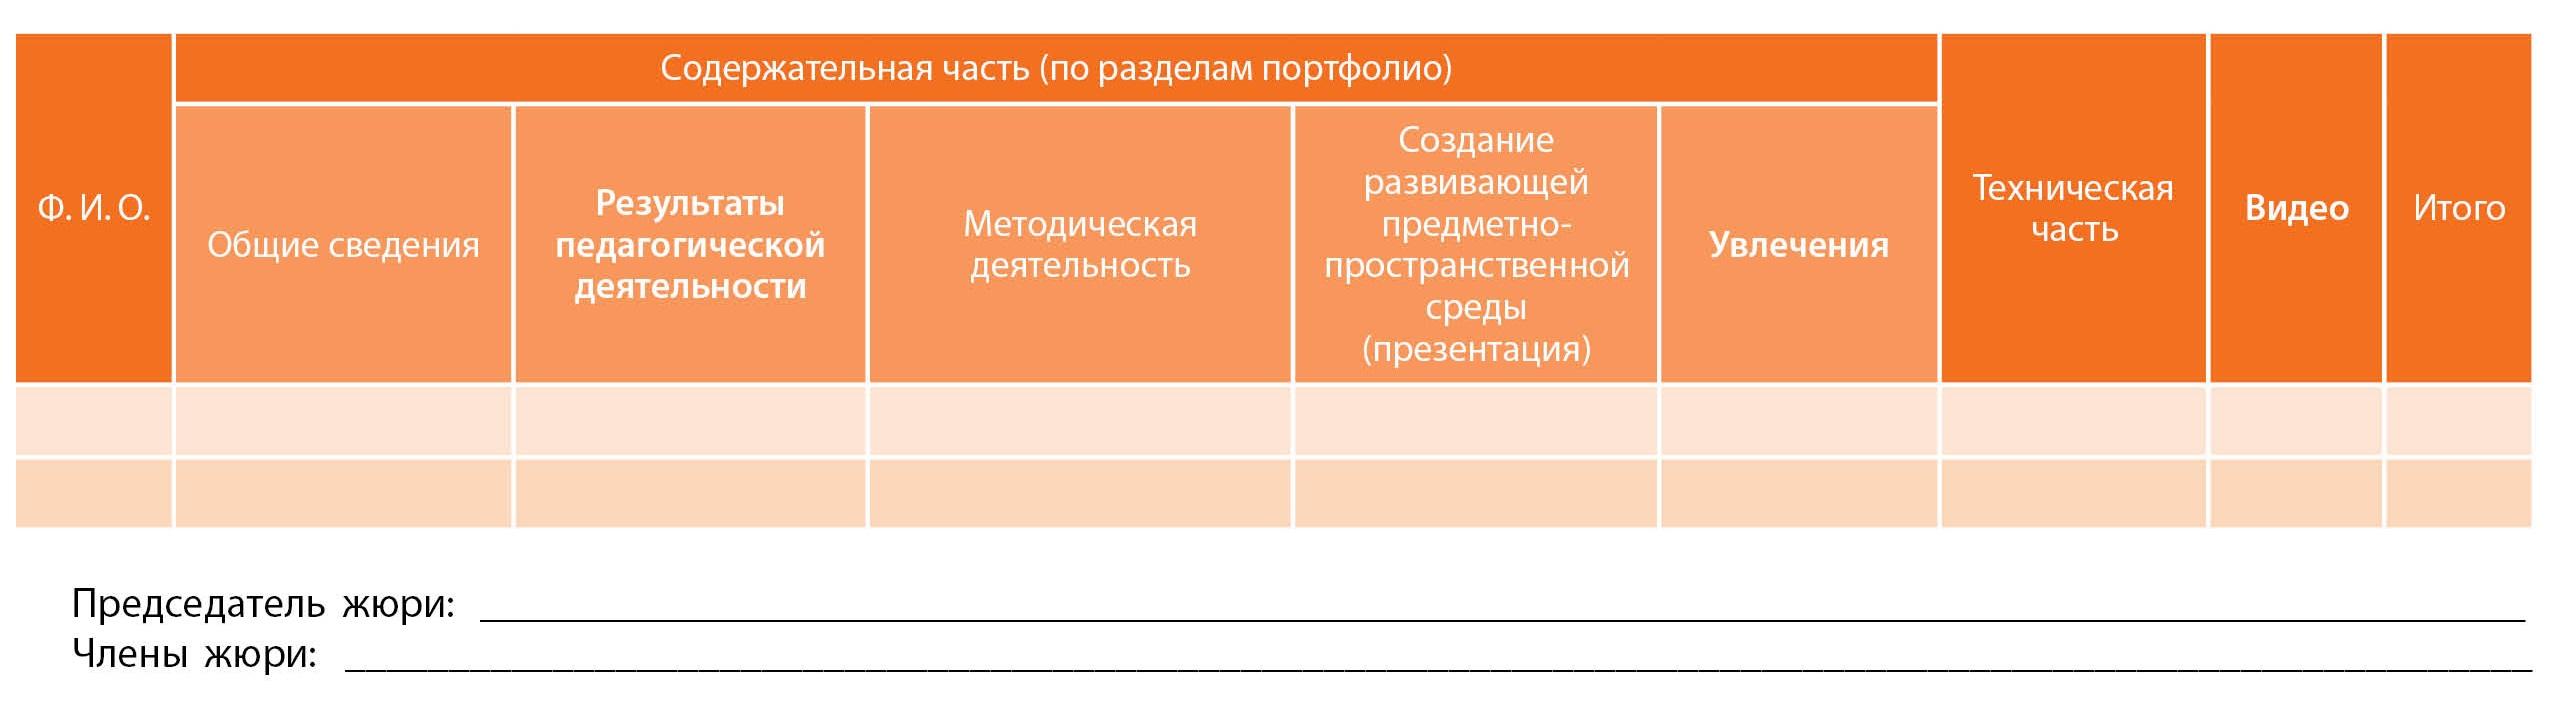 Организация конкурса «Веб портфолио старшего воспитателя ДОО»